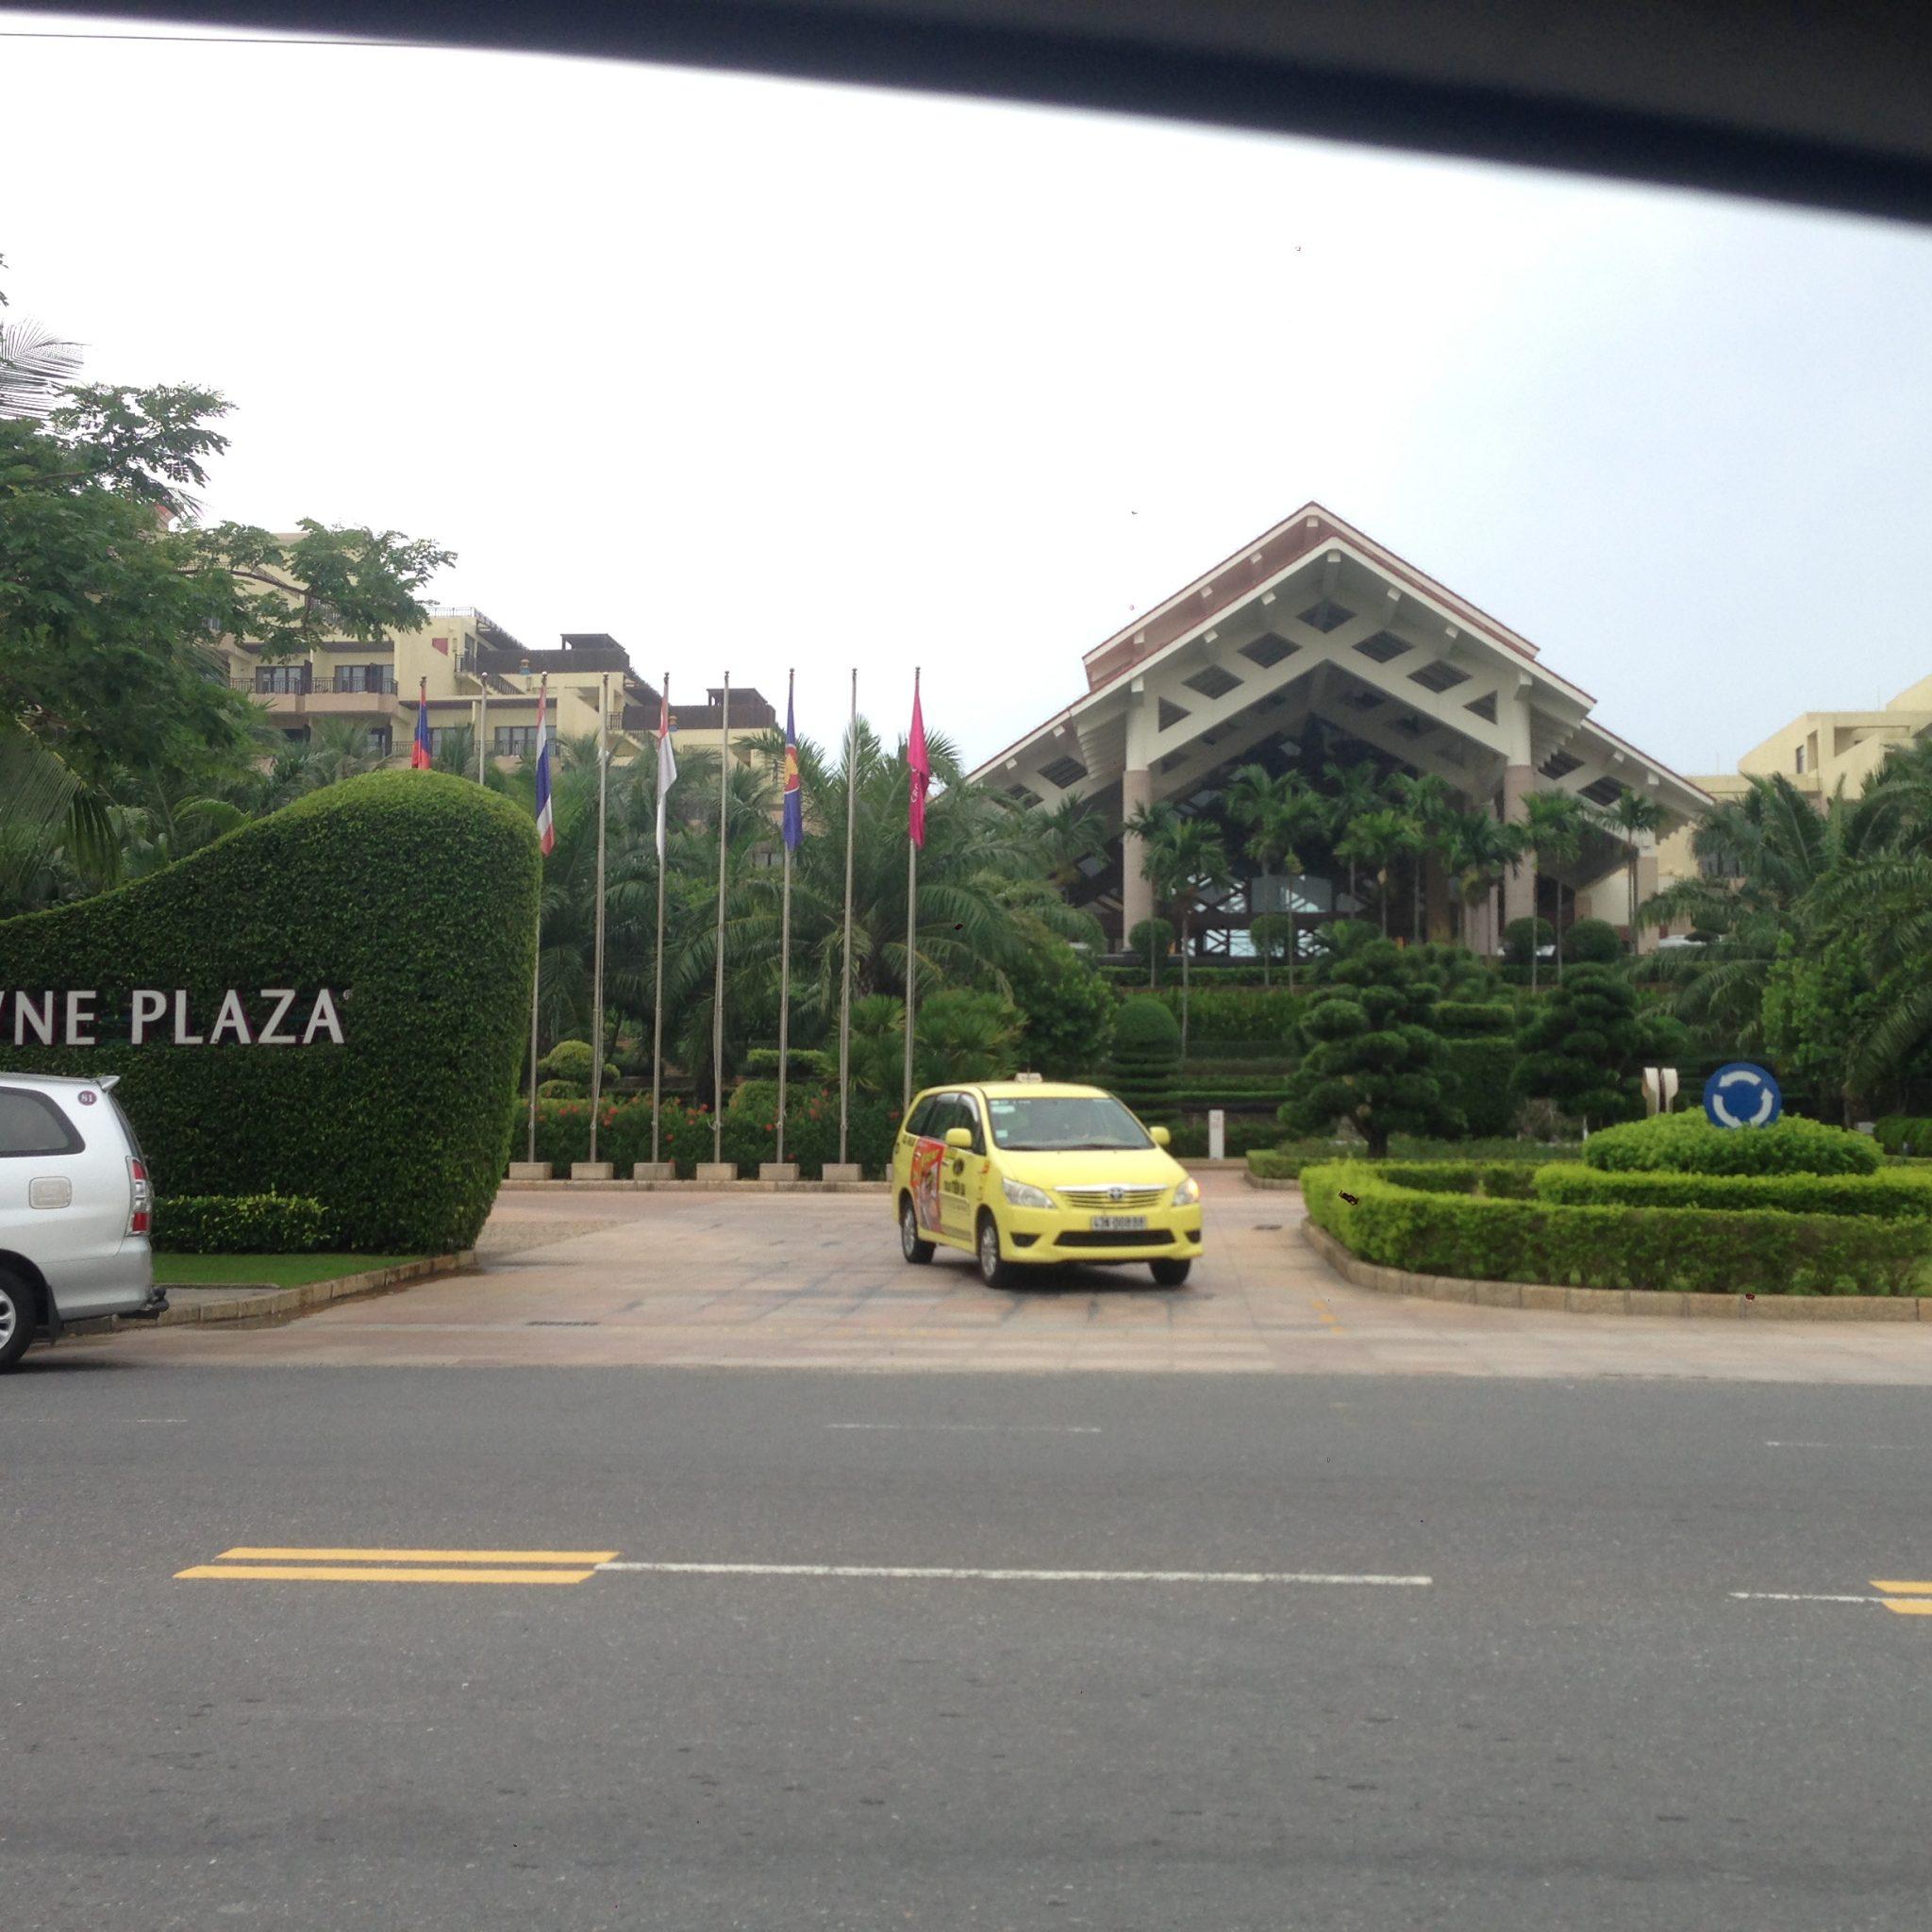 IMG 6375 - Lắp đặt kho đông, kho mát tại khách sạn 5 sao CROW CASINO Đà Nẵng